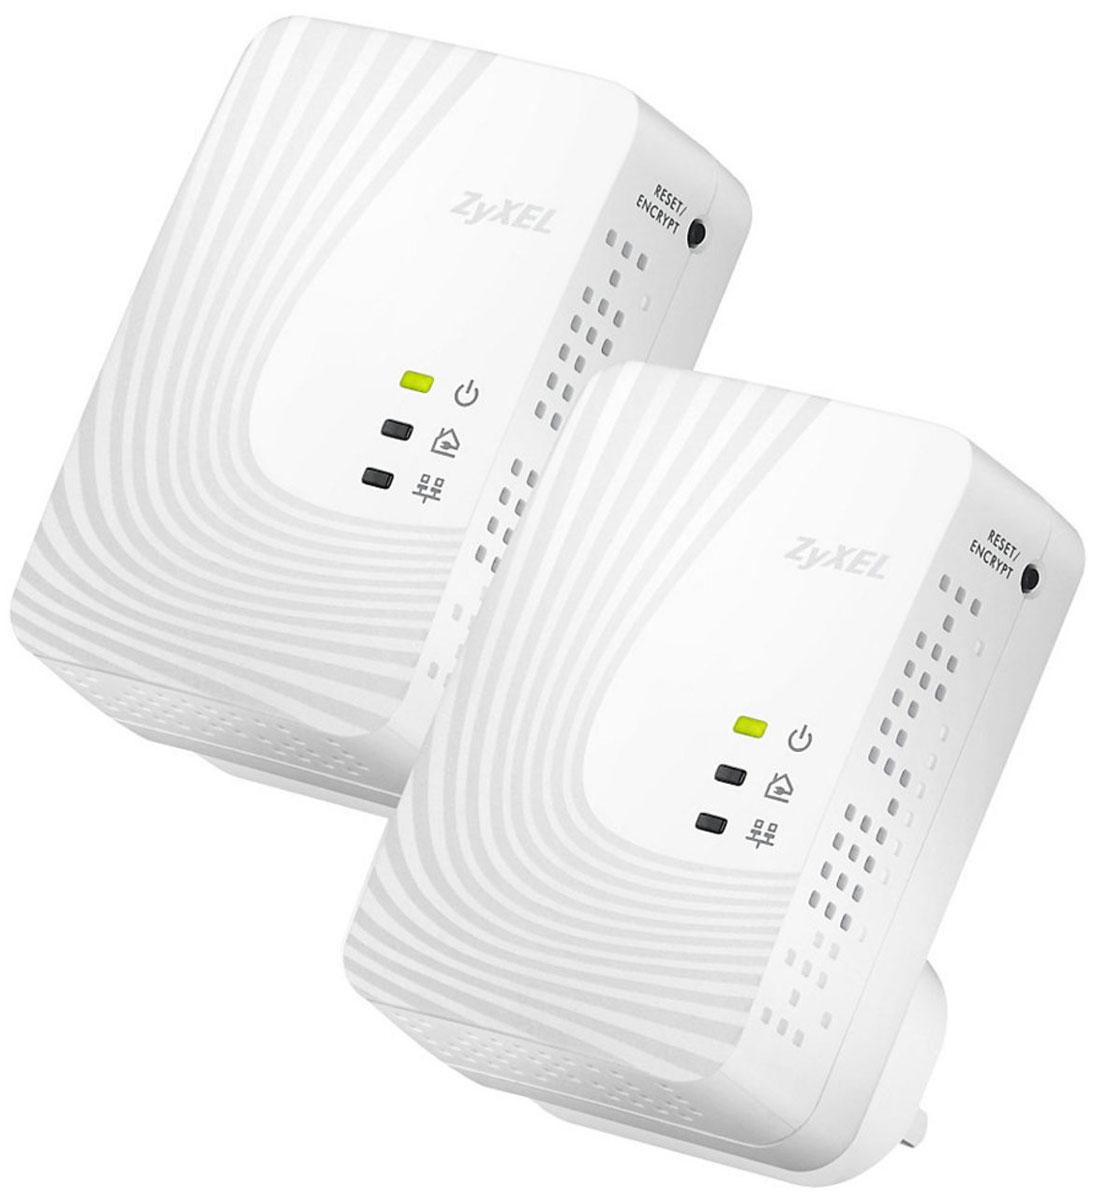 Zyxel PLA4201v2 EE адаптер PowerlinePLA4201v2 EEPowerline - адаптер ZyXEL PLA4201v2 EE предоставляет полную свободу размещения сетевых устройств в пределах собственного или арендуемого помещения, так как любая электрическая розетка становится точкой доступа в сеть.Технология HomePlug AV 500 Мбит/с обеспечивает помехозащищенную передачу мультимедиа и является реальной альтернативой Ethernet - кабелю для трансляции видео высокой четкости на телевизор, установленный в произвольной точке квартиры. Управление качеством обслуживания (QoS) в сети HomePlug AV позволяет смотреть цифровое видео без задержек и потери качества одновременно с передачей данных.Передаваемые по электропроводке данные надежно защищены от прослушивания и перехвата. Настройка защищенного соединения осуществляется одним нажатием кнопки ENCRYPT, расположенной на корпусе адаптера.Соответствует стандартам IEEE 1901.2010 и HomePlug AVДиапазон частот: 1,8 – 67,5 МГцЗащита сети: AES с ключом 128 битовРасстояние передачи: до 300 метровУправление качеством обслуживания: ToS, QoS, VLANIGMP snoopingВстроенная вилка переменного тока Europlug (CEE 7/16)Кнопка Reset / Encrypt для автоматической установки имени сети HomePlug AV и сброса пользовательских настроек3 индикатора состояний